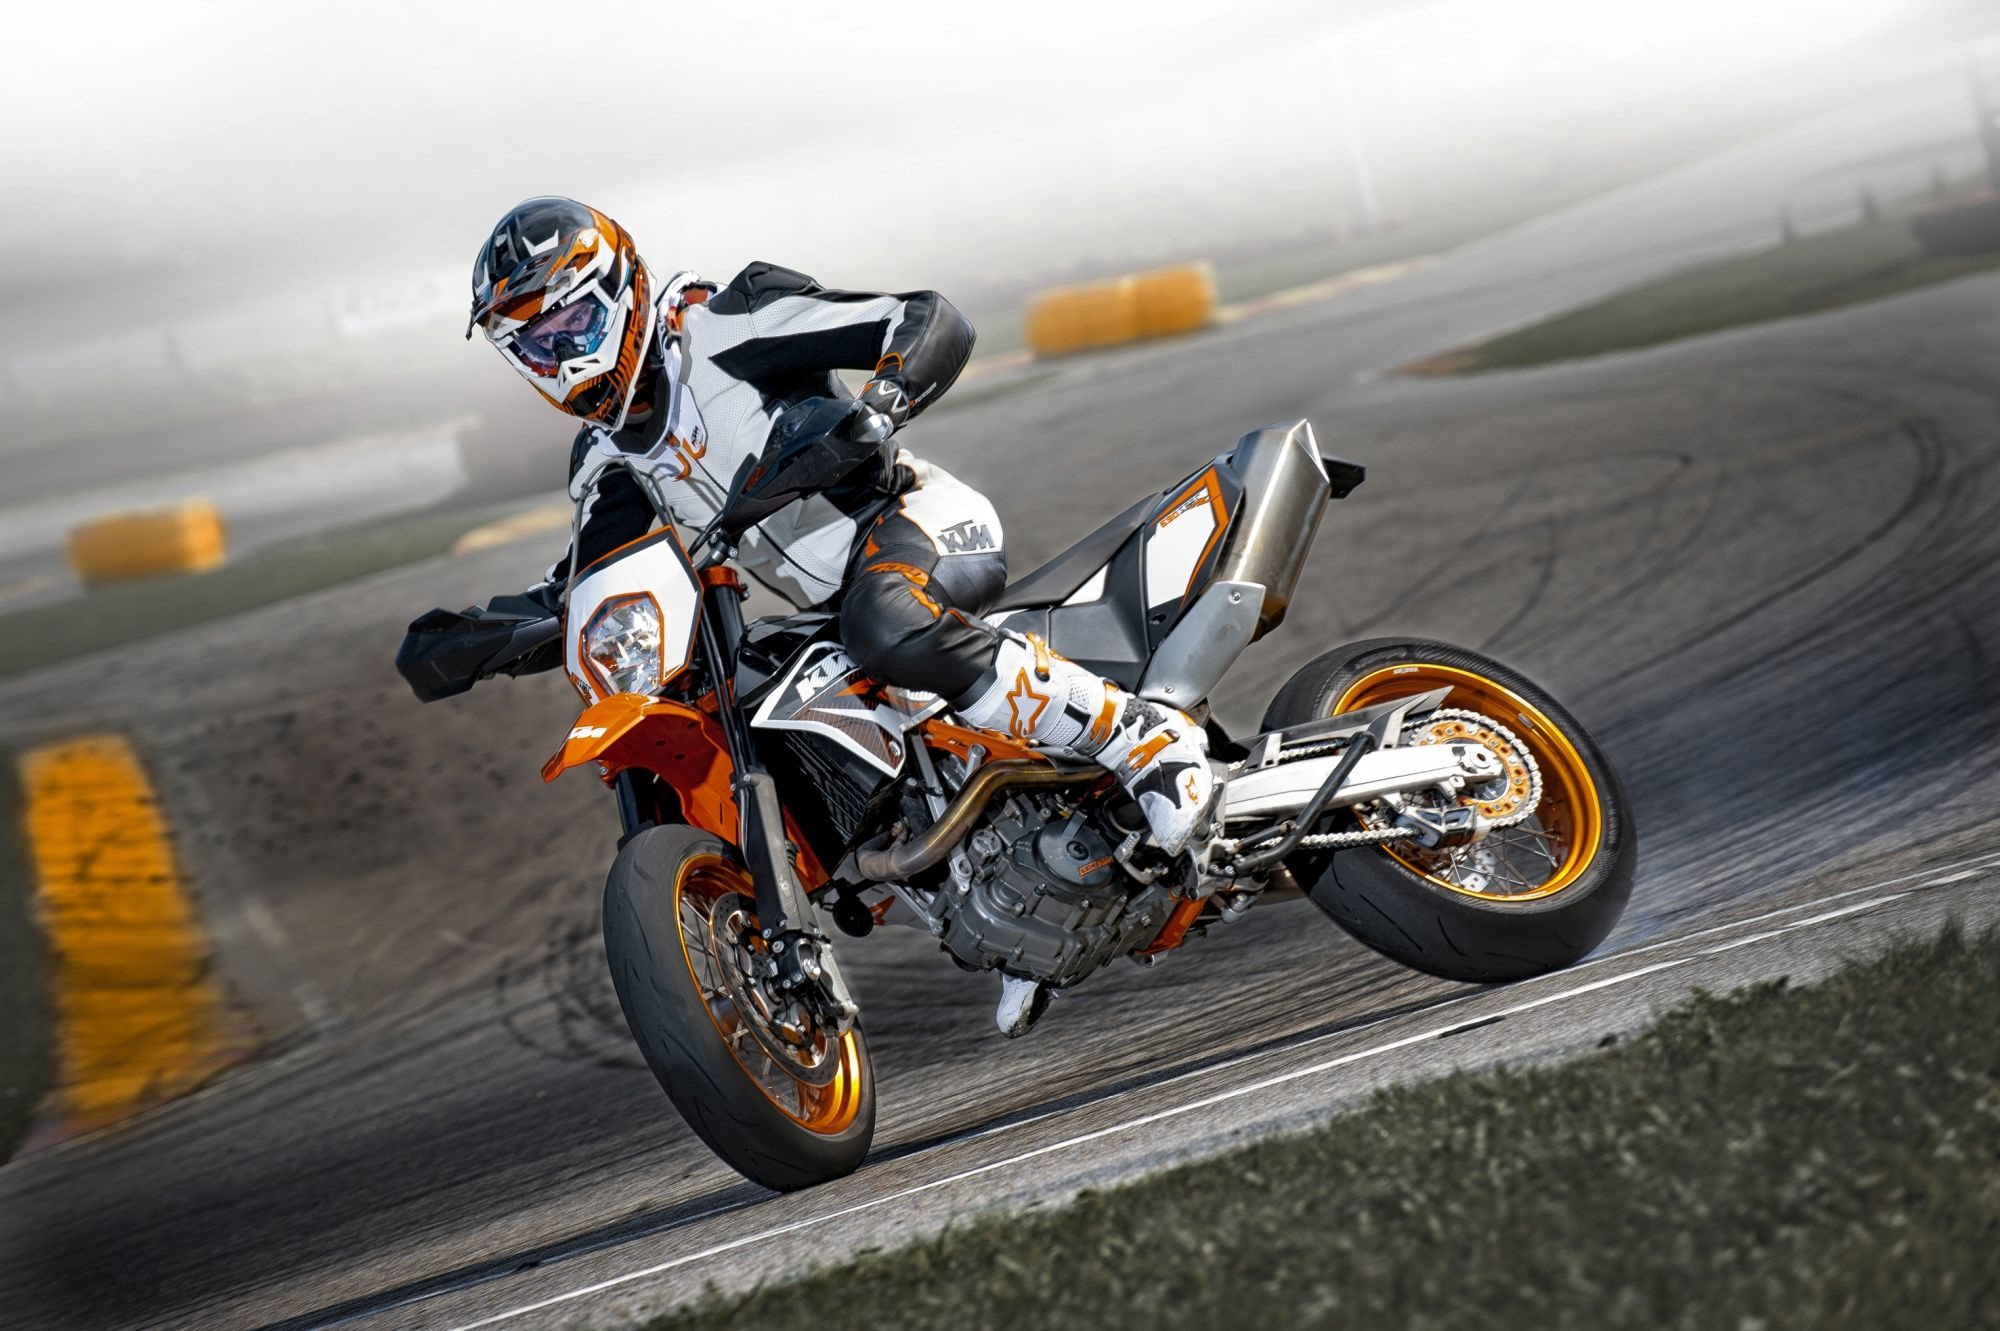 出典:http://www.1000ps.de/gebrauchtes-motorrad-1444100-ktm-690-smc-r